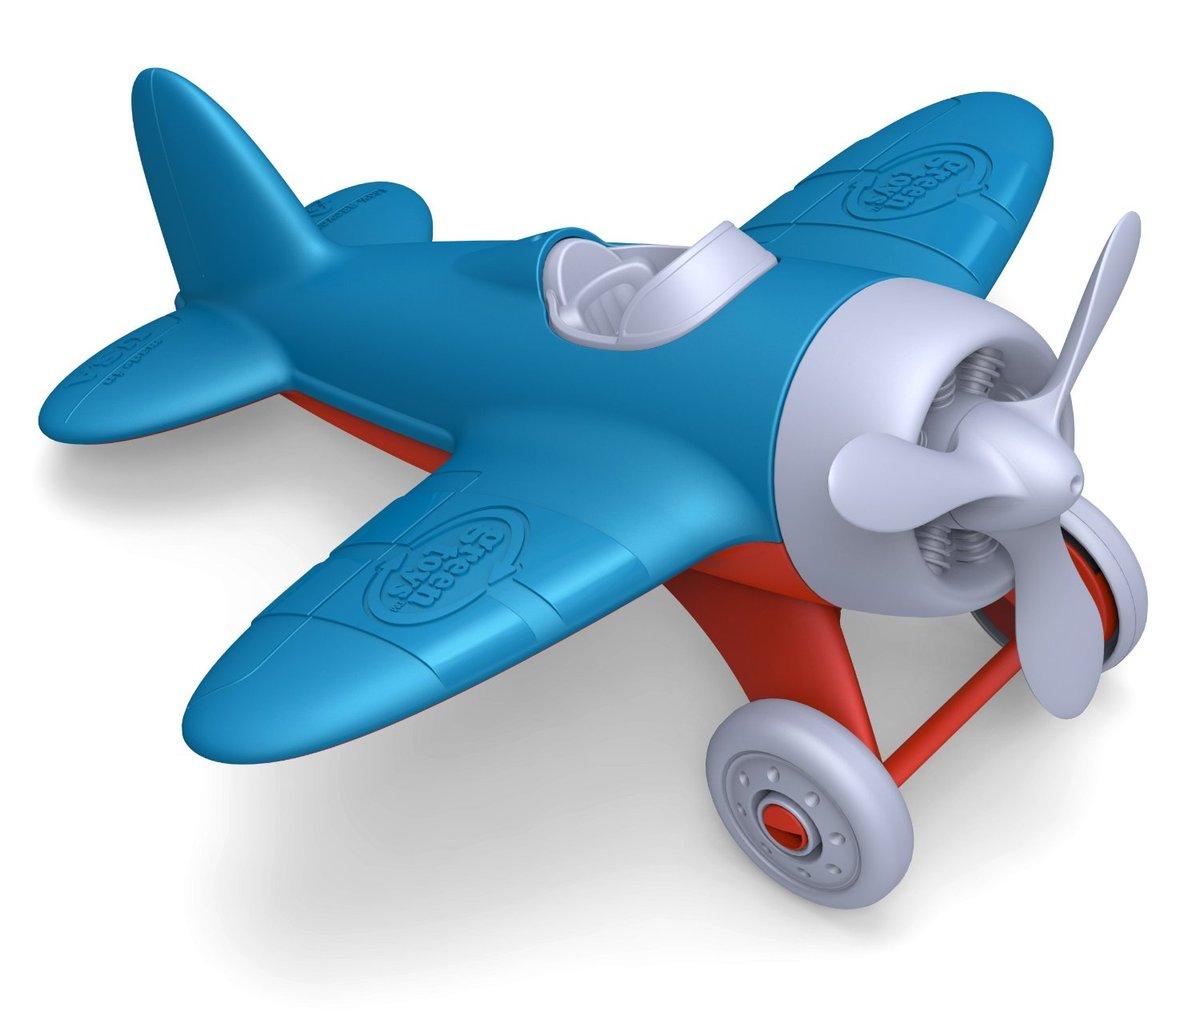 приписывали роковую картинки с игрушечными самолетами пристенные стеллажи